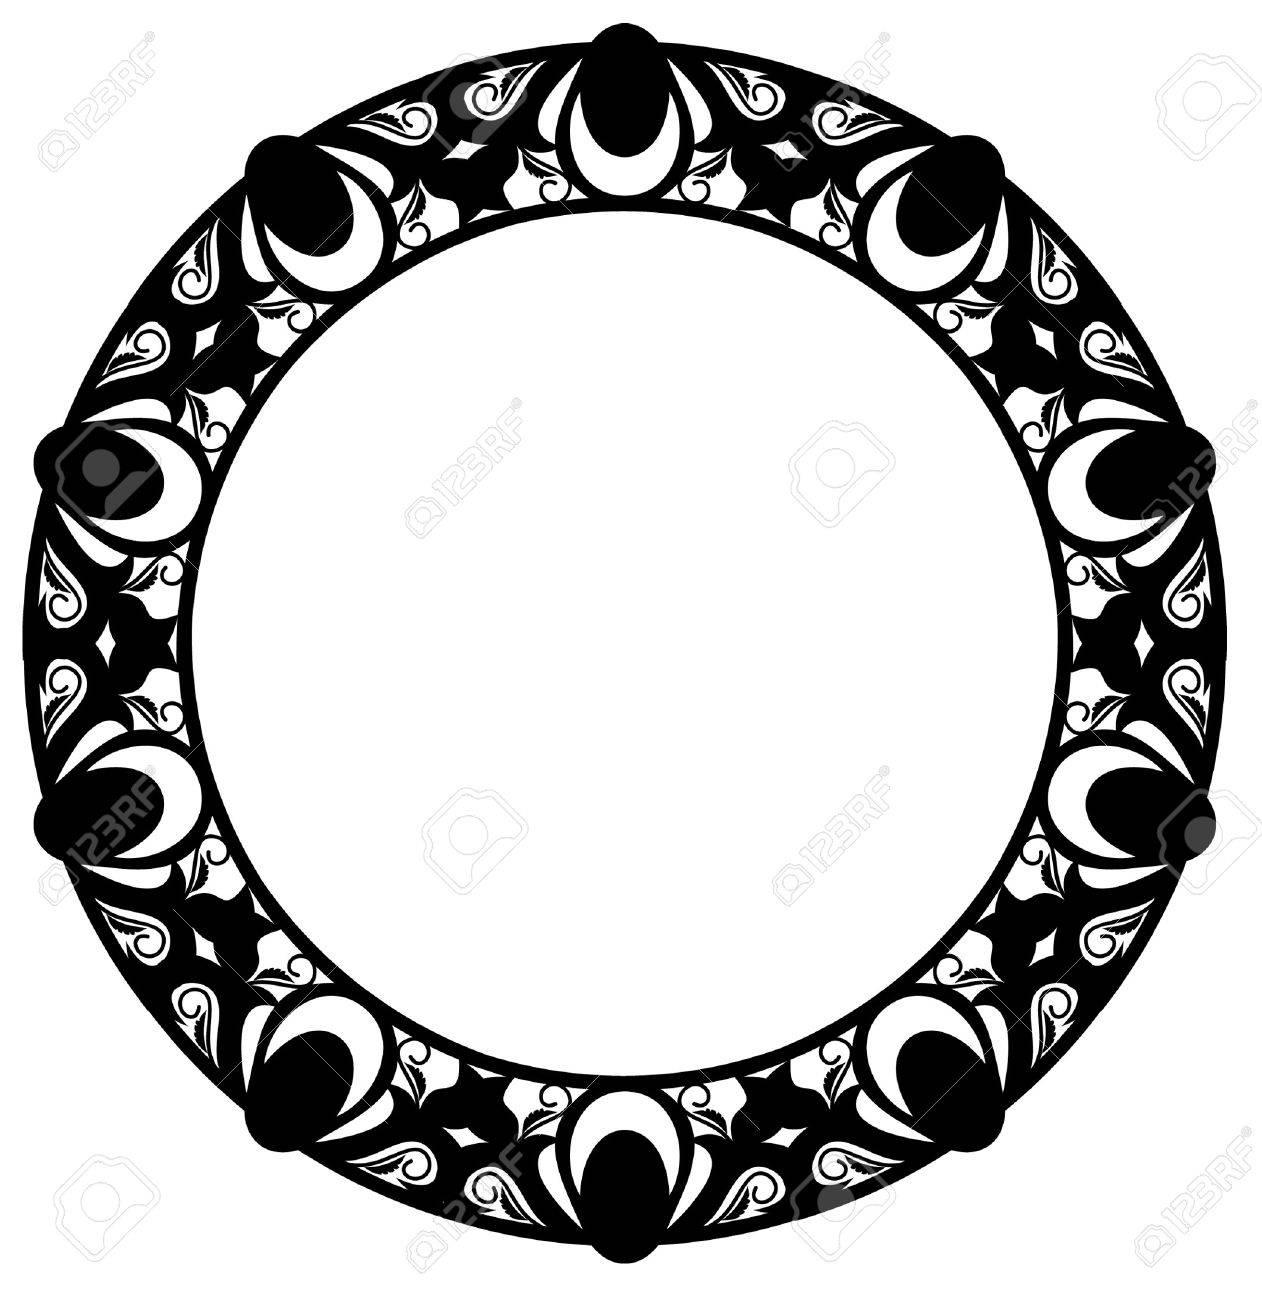 Round elegant silhouette frame Stock Vector - 8789309